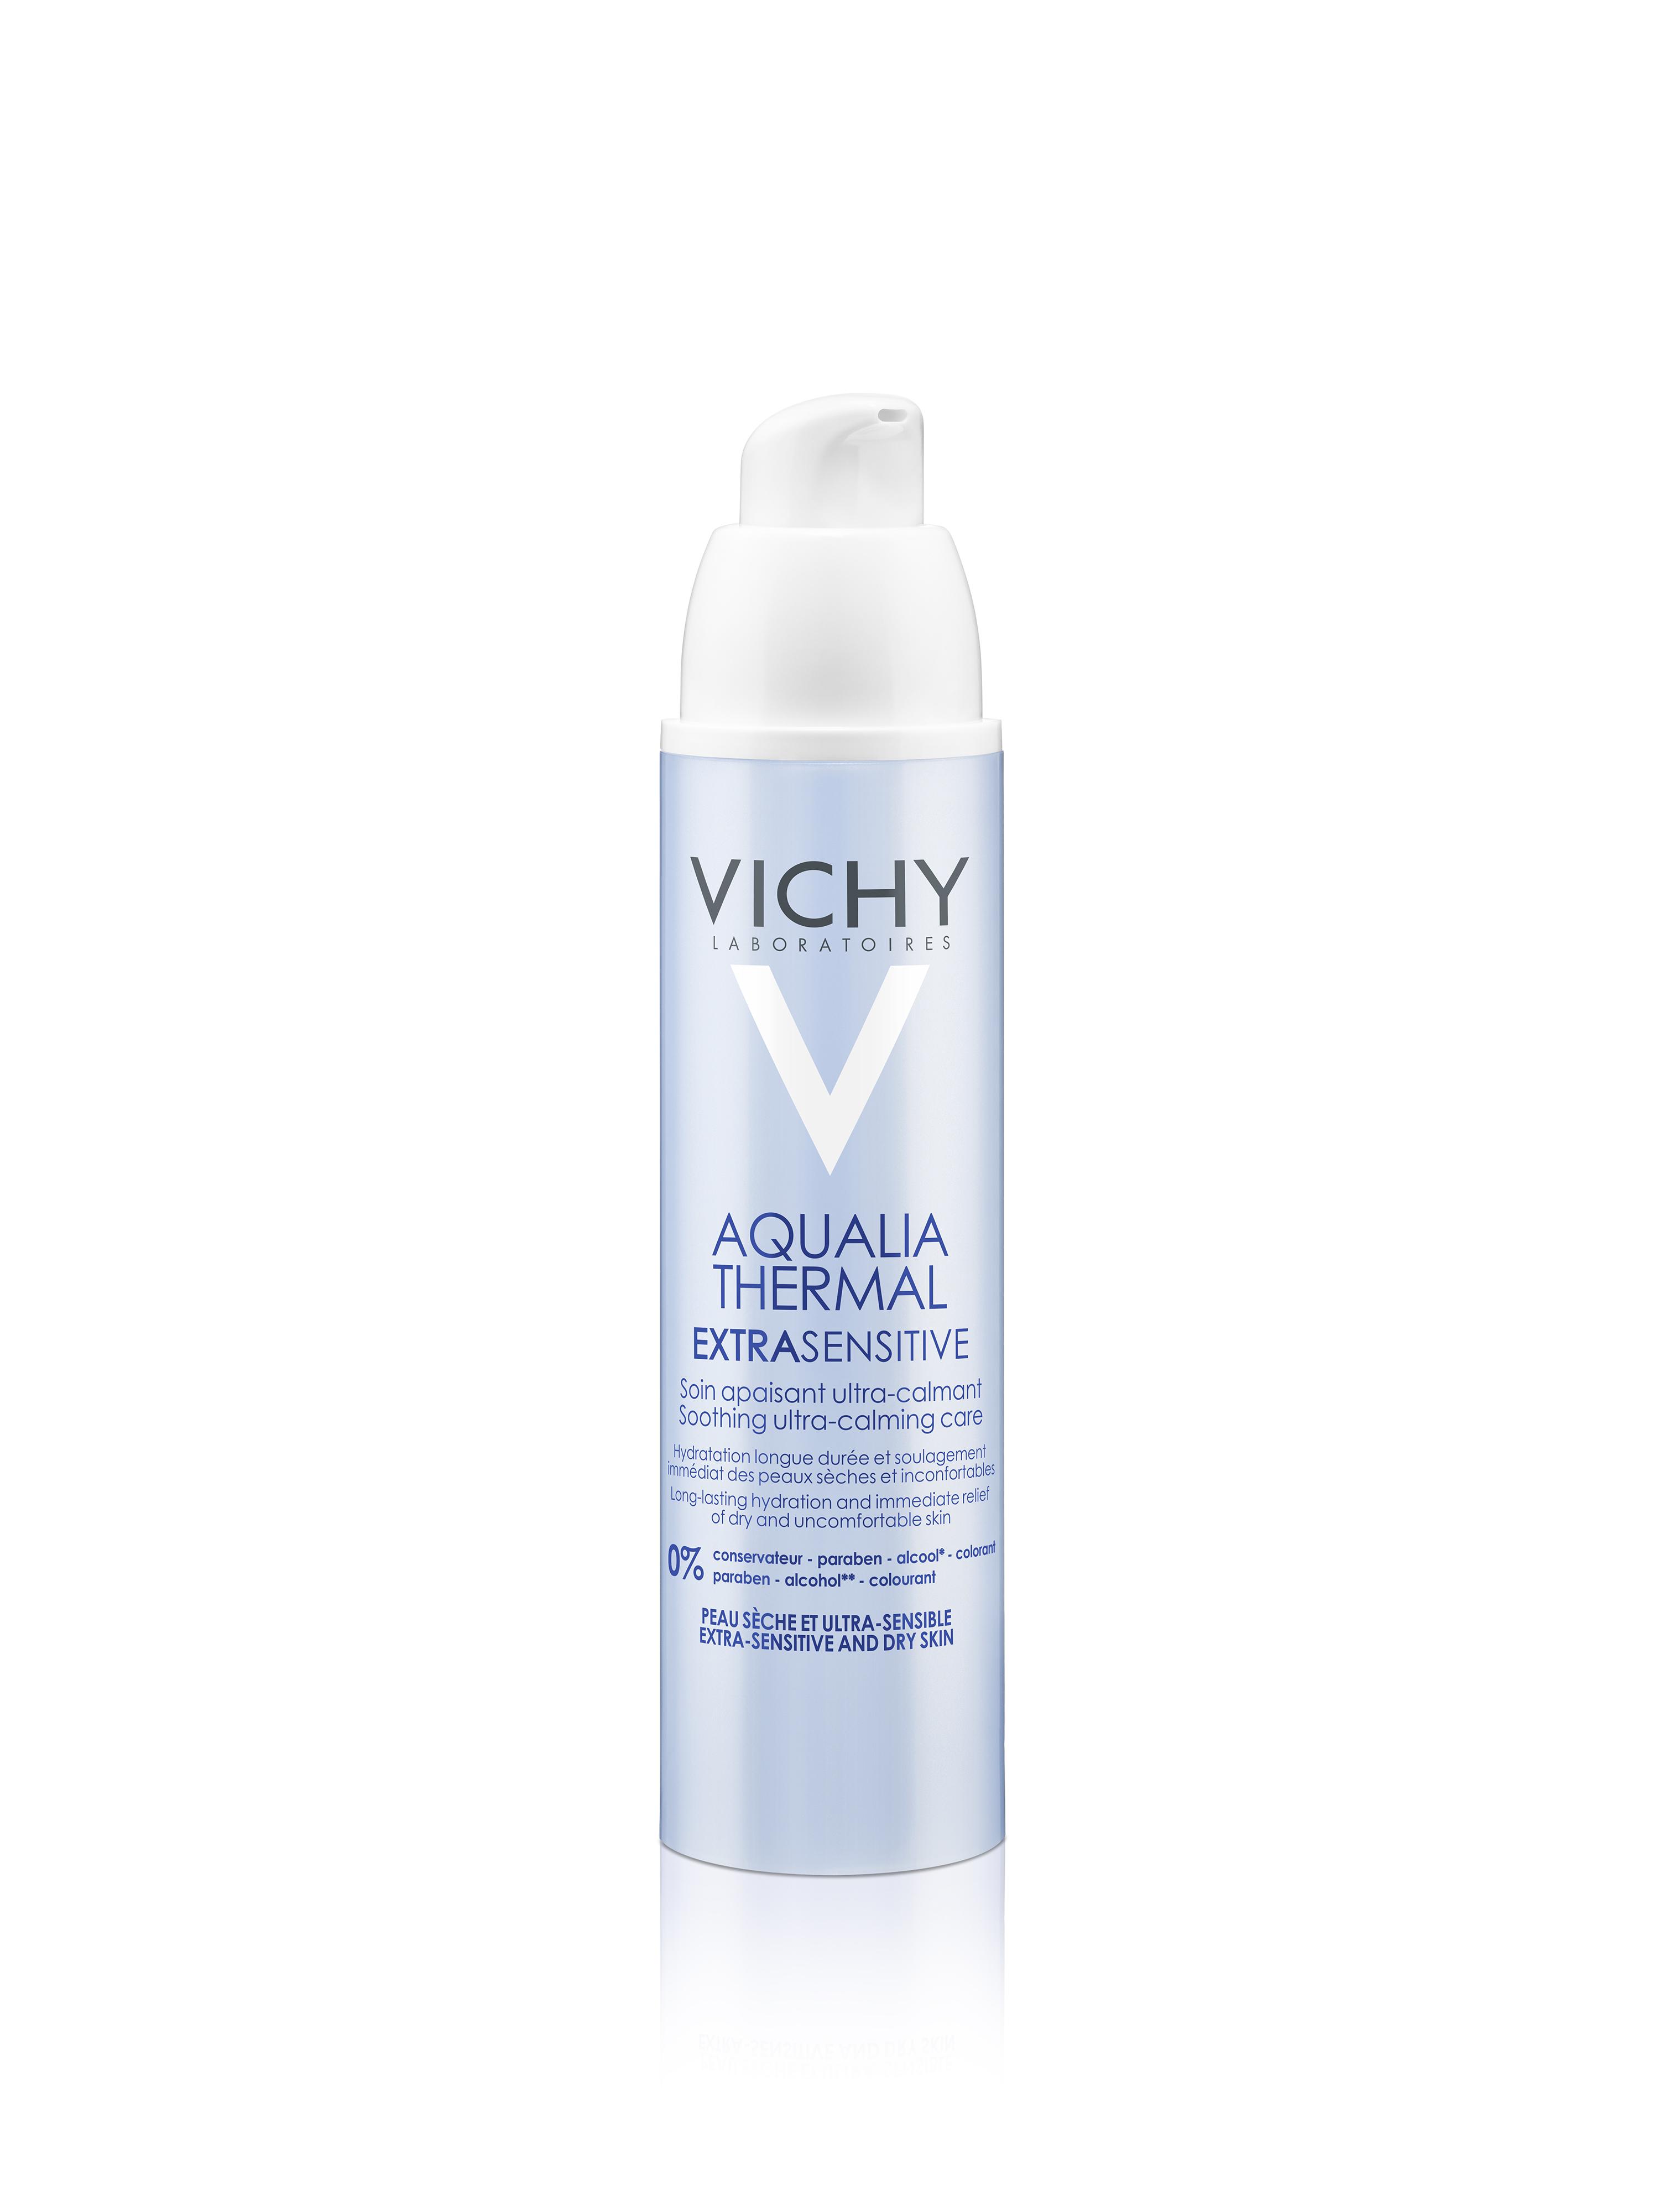 Nuevo Aqualia Extrasensitive de Vichy